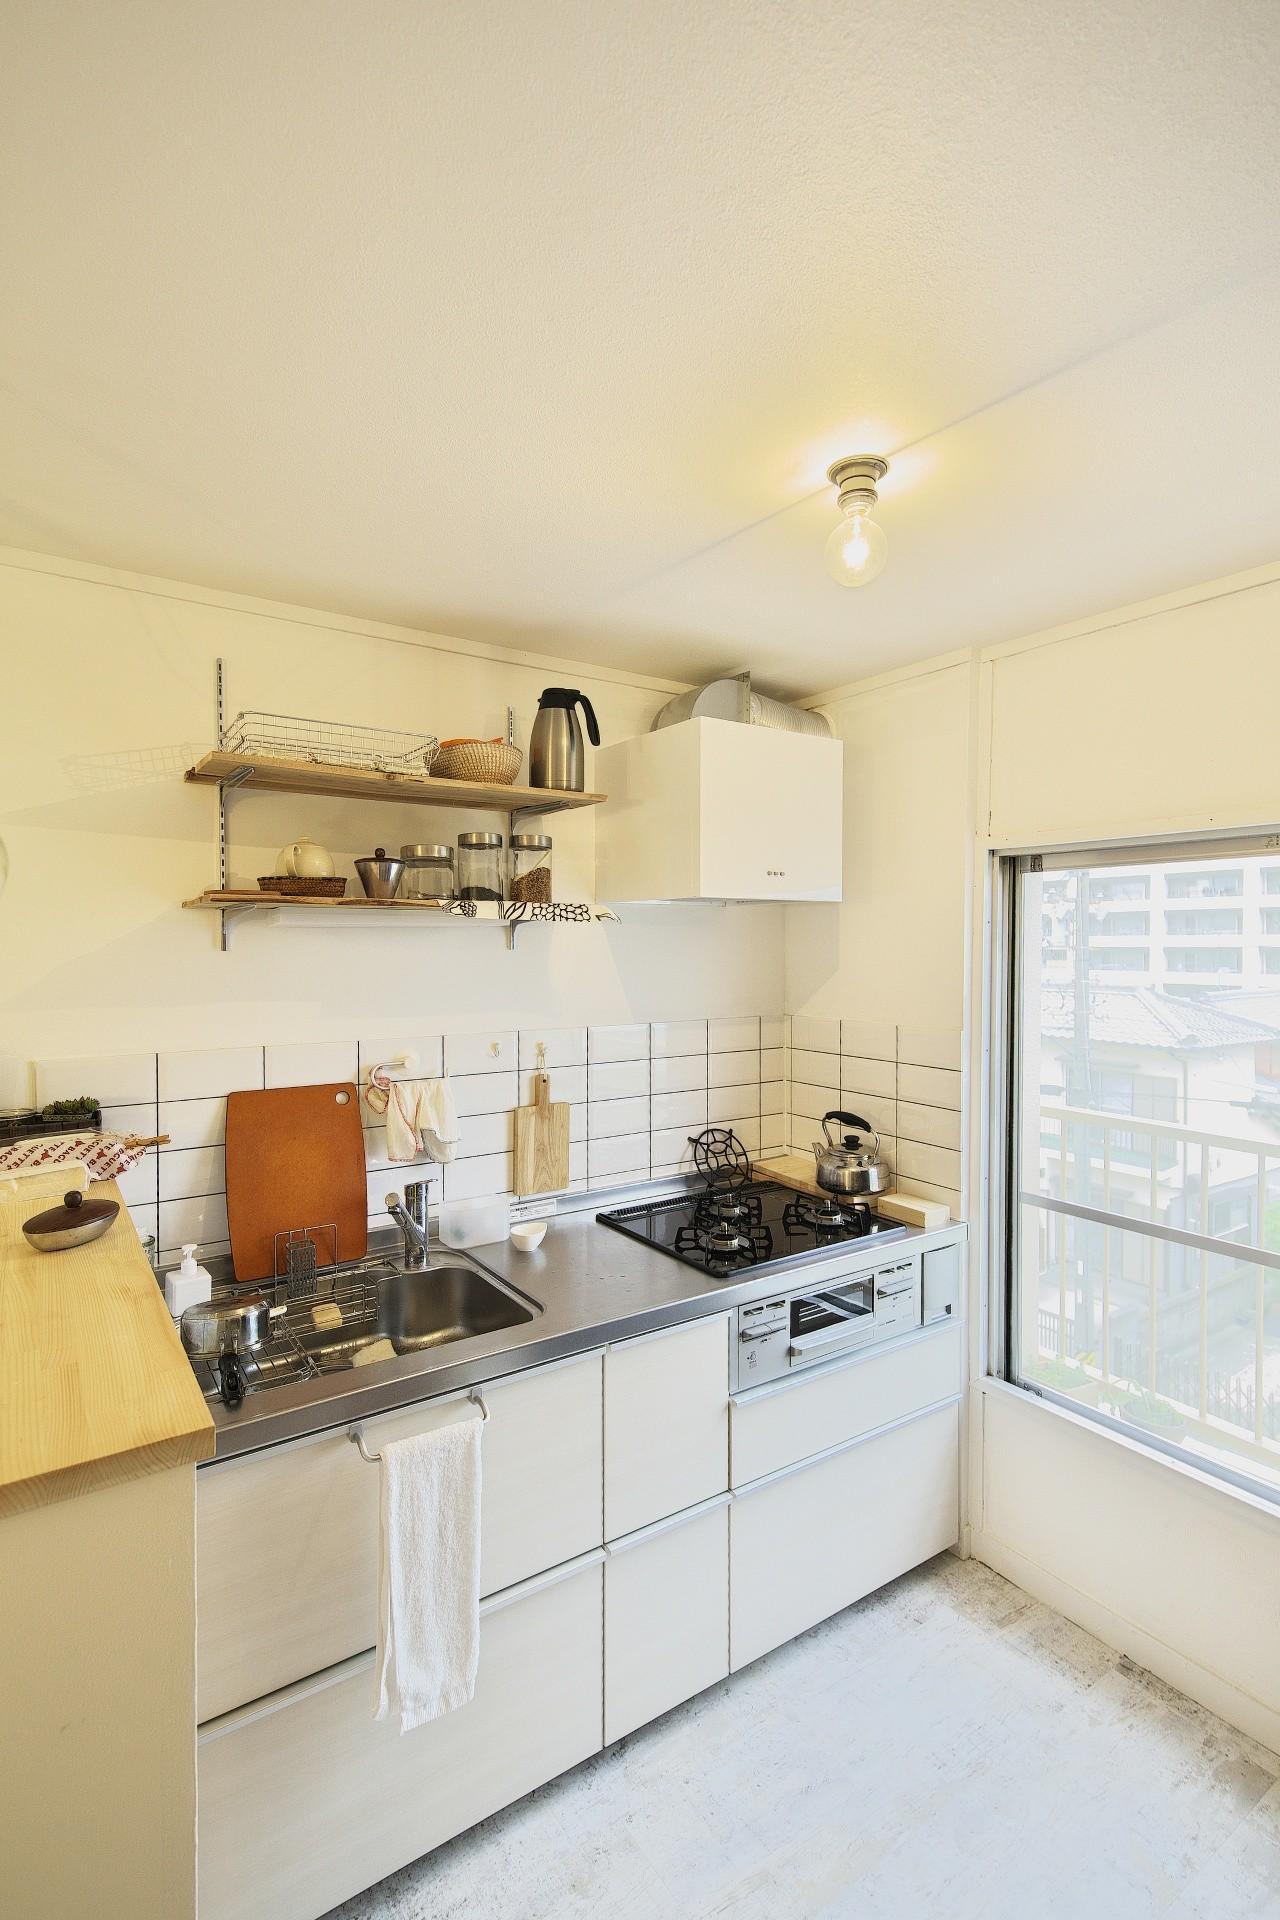 キッチン事例:キッチン(中古マンションと「私たちらしい、住まい。」)